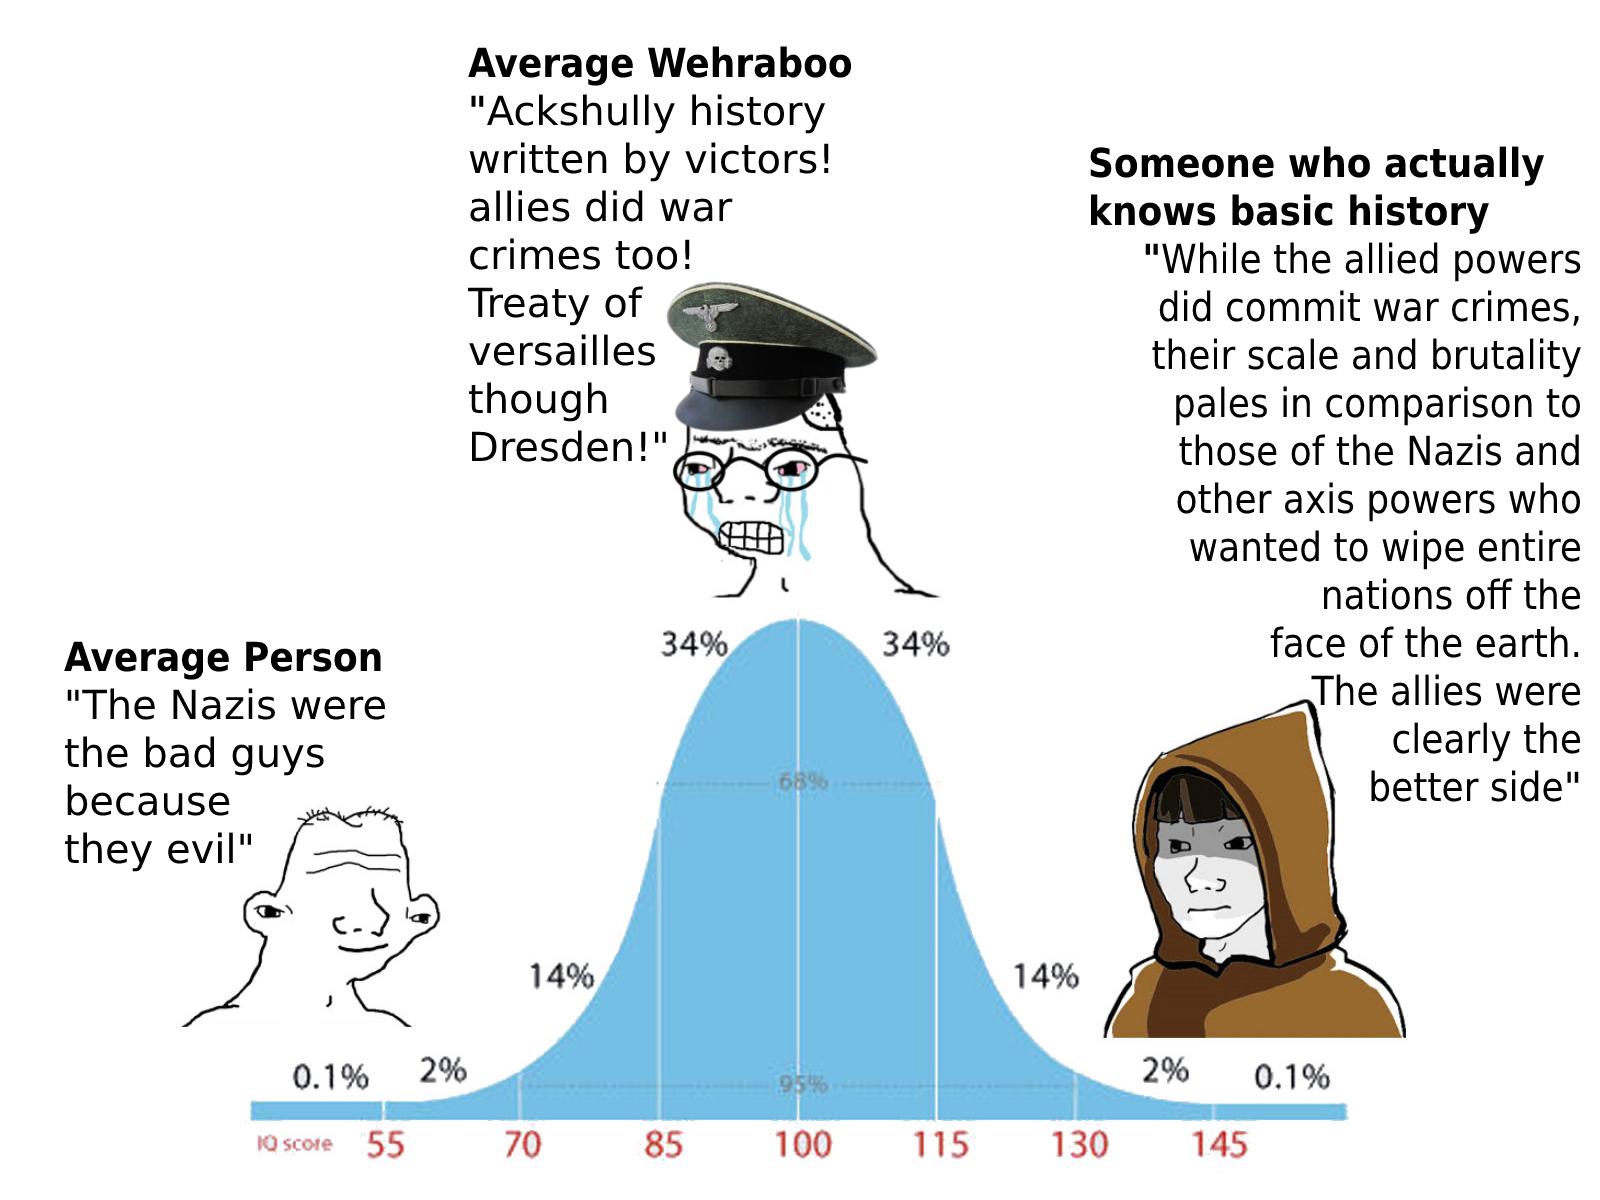 People's understanding of WW2